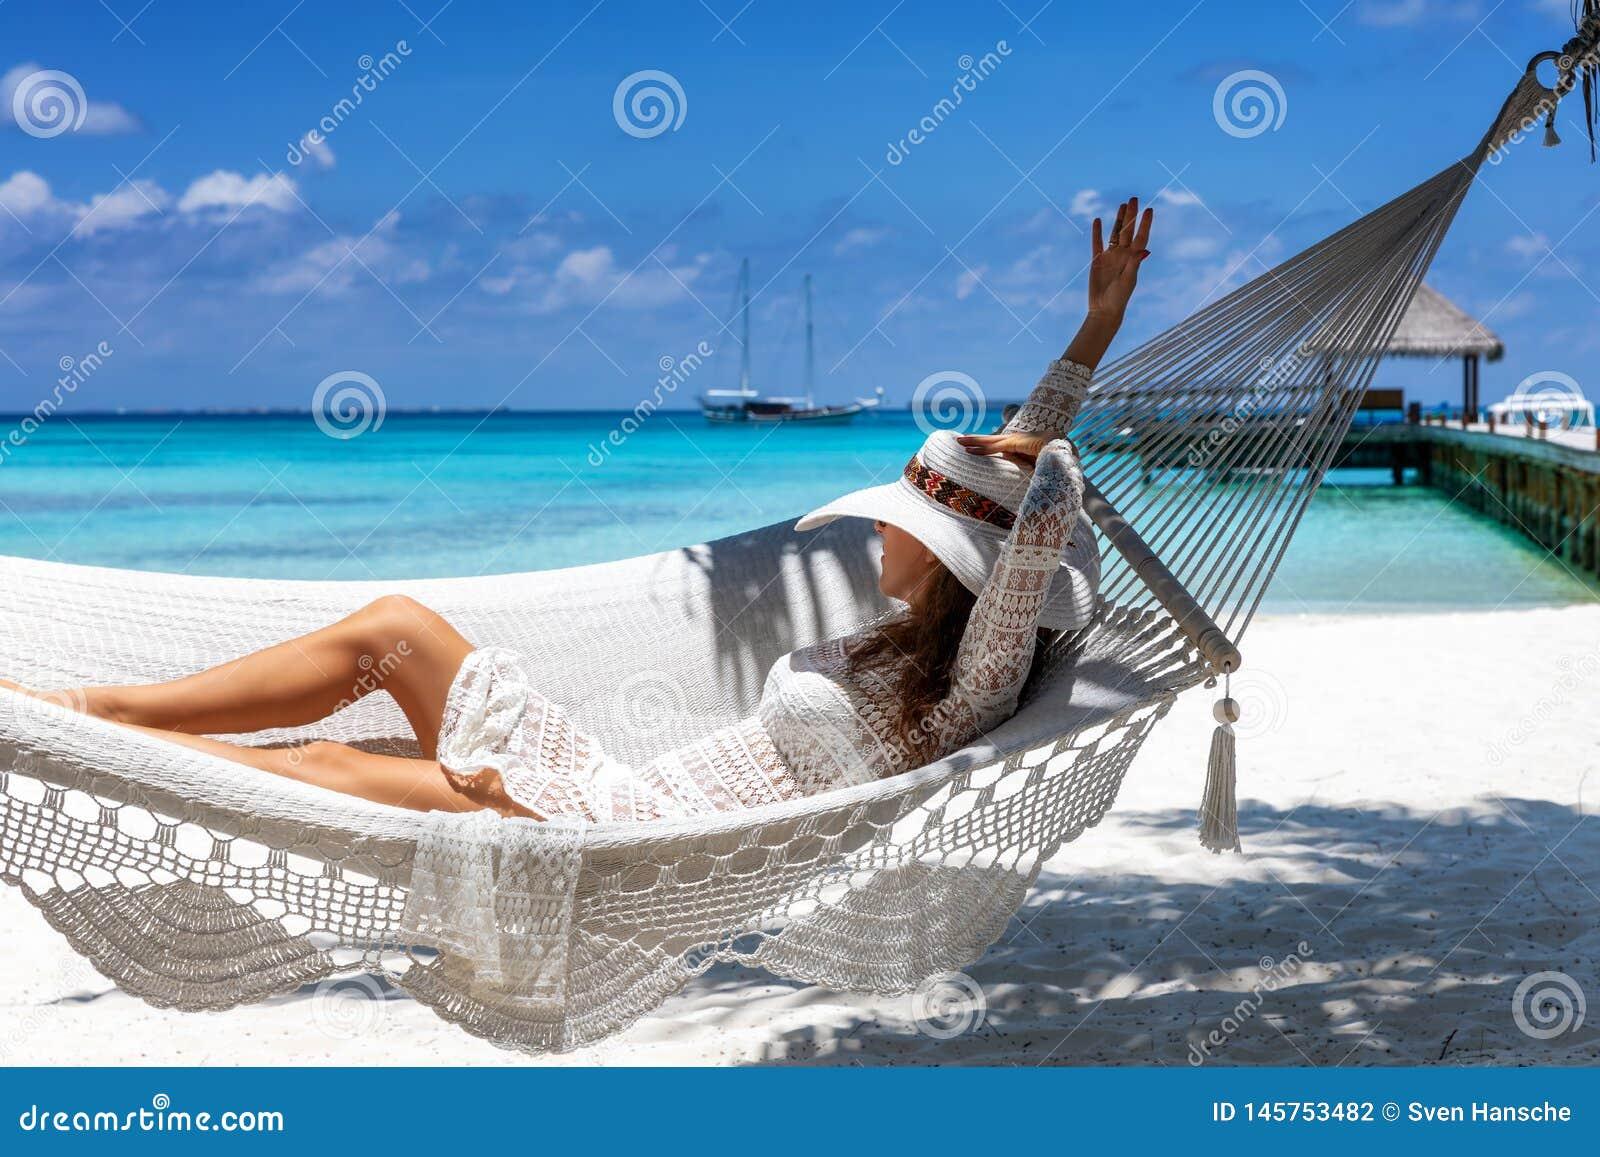 La mujer se relaja en una hamaca en una playa tropical